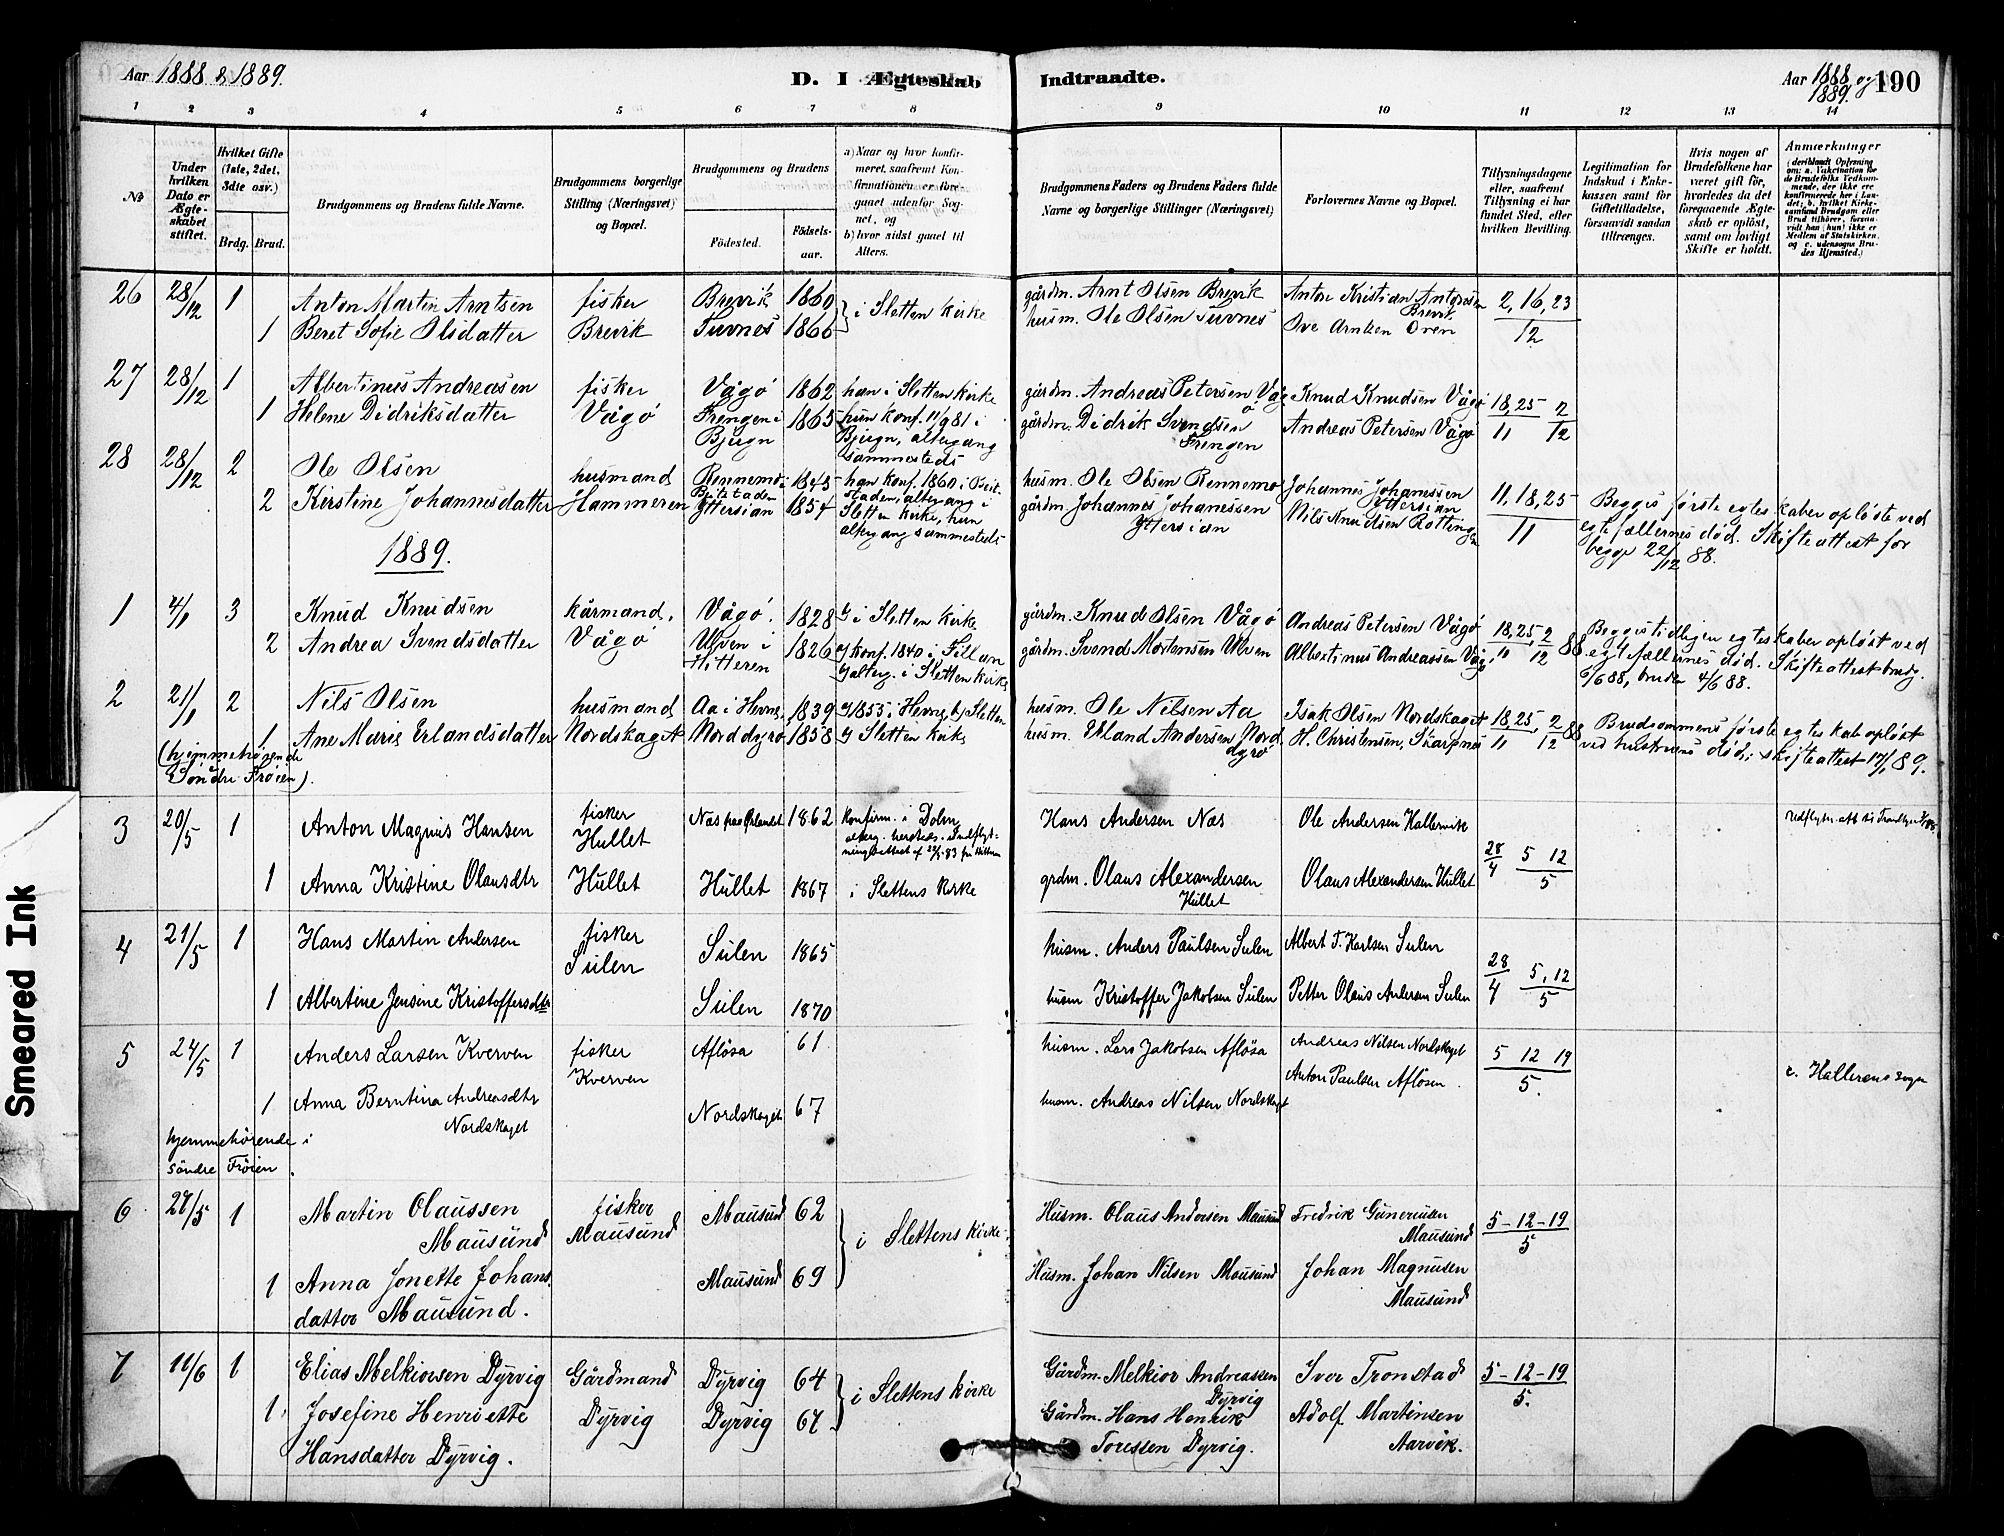 SAT, Ministerialprotokoller, klokkerbøker og fødselsregistre - Sør-Trøndelag, 640/L0578: Ministerialbok nr. 640A03, 1879-1889, s. 190